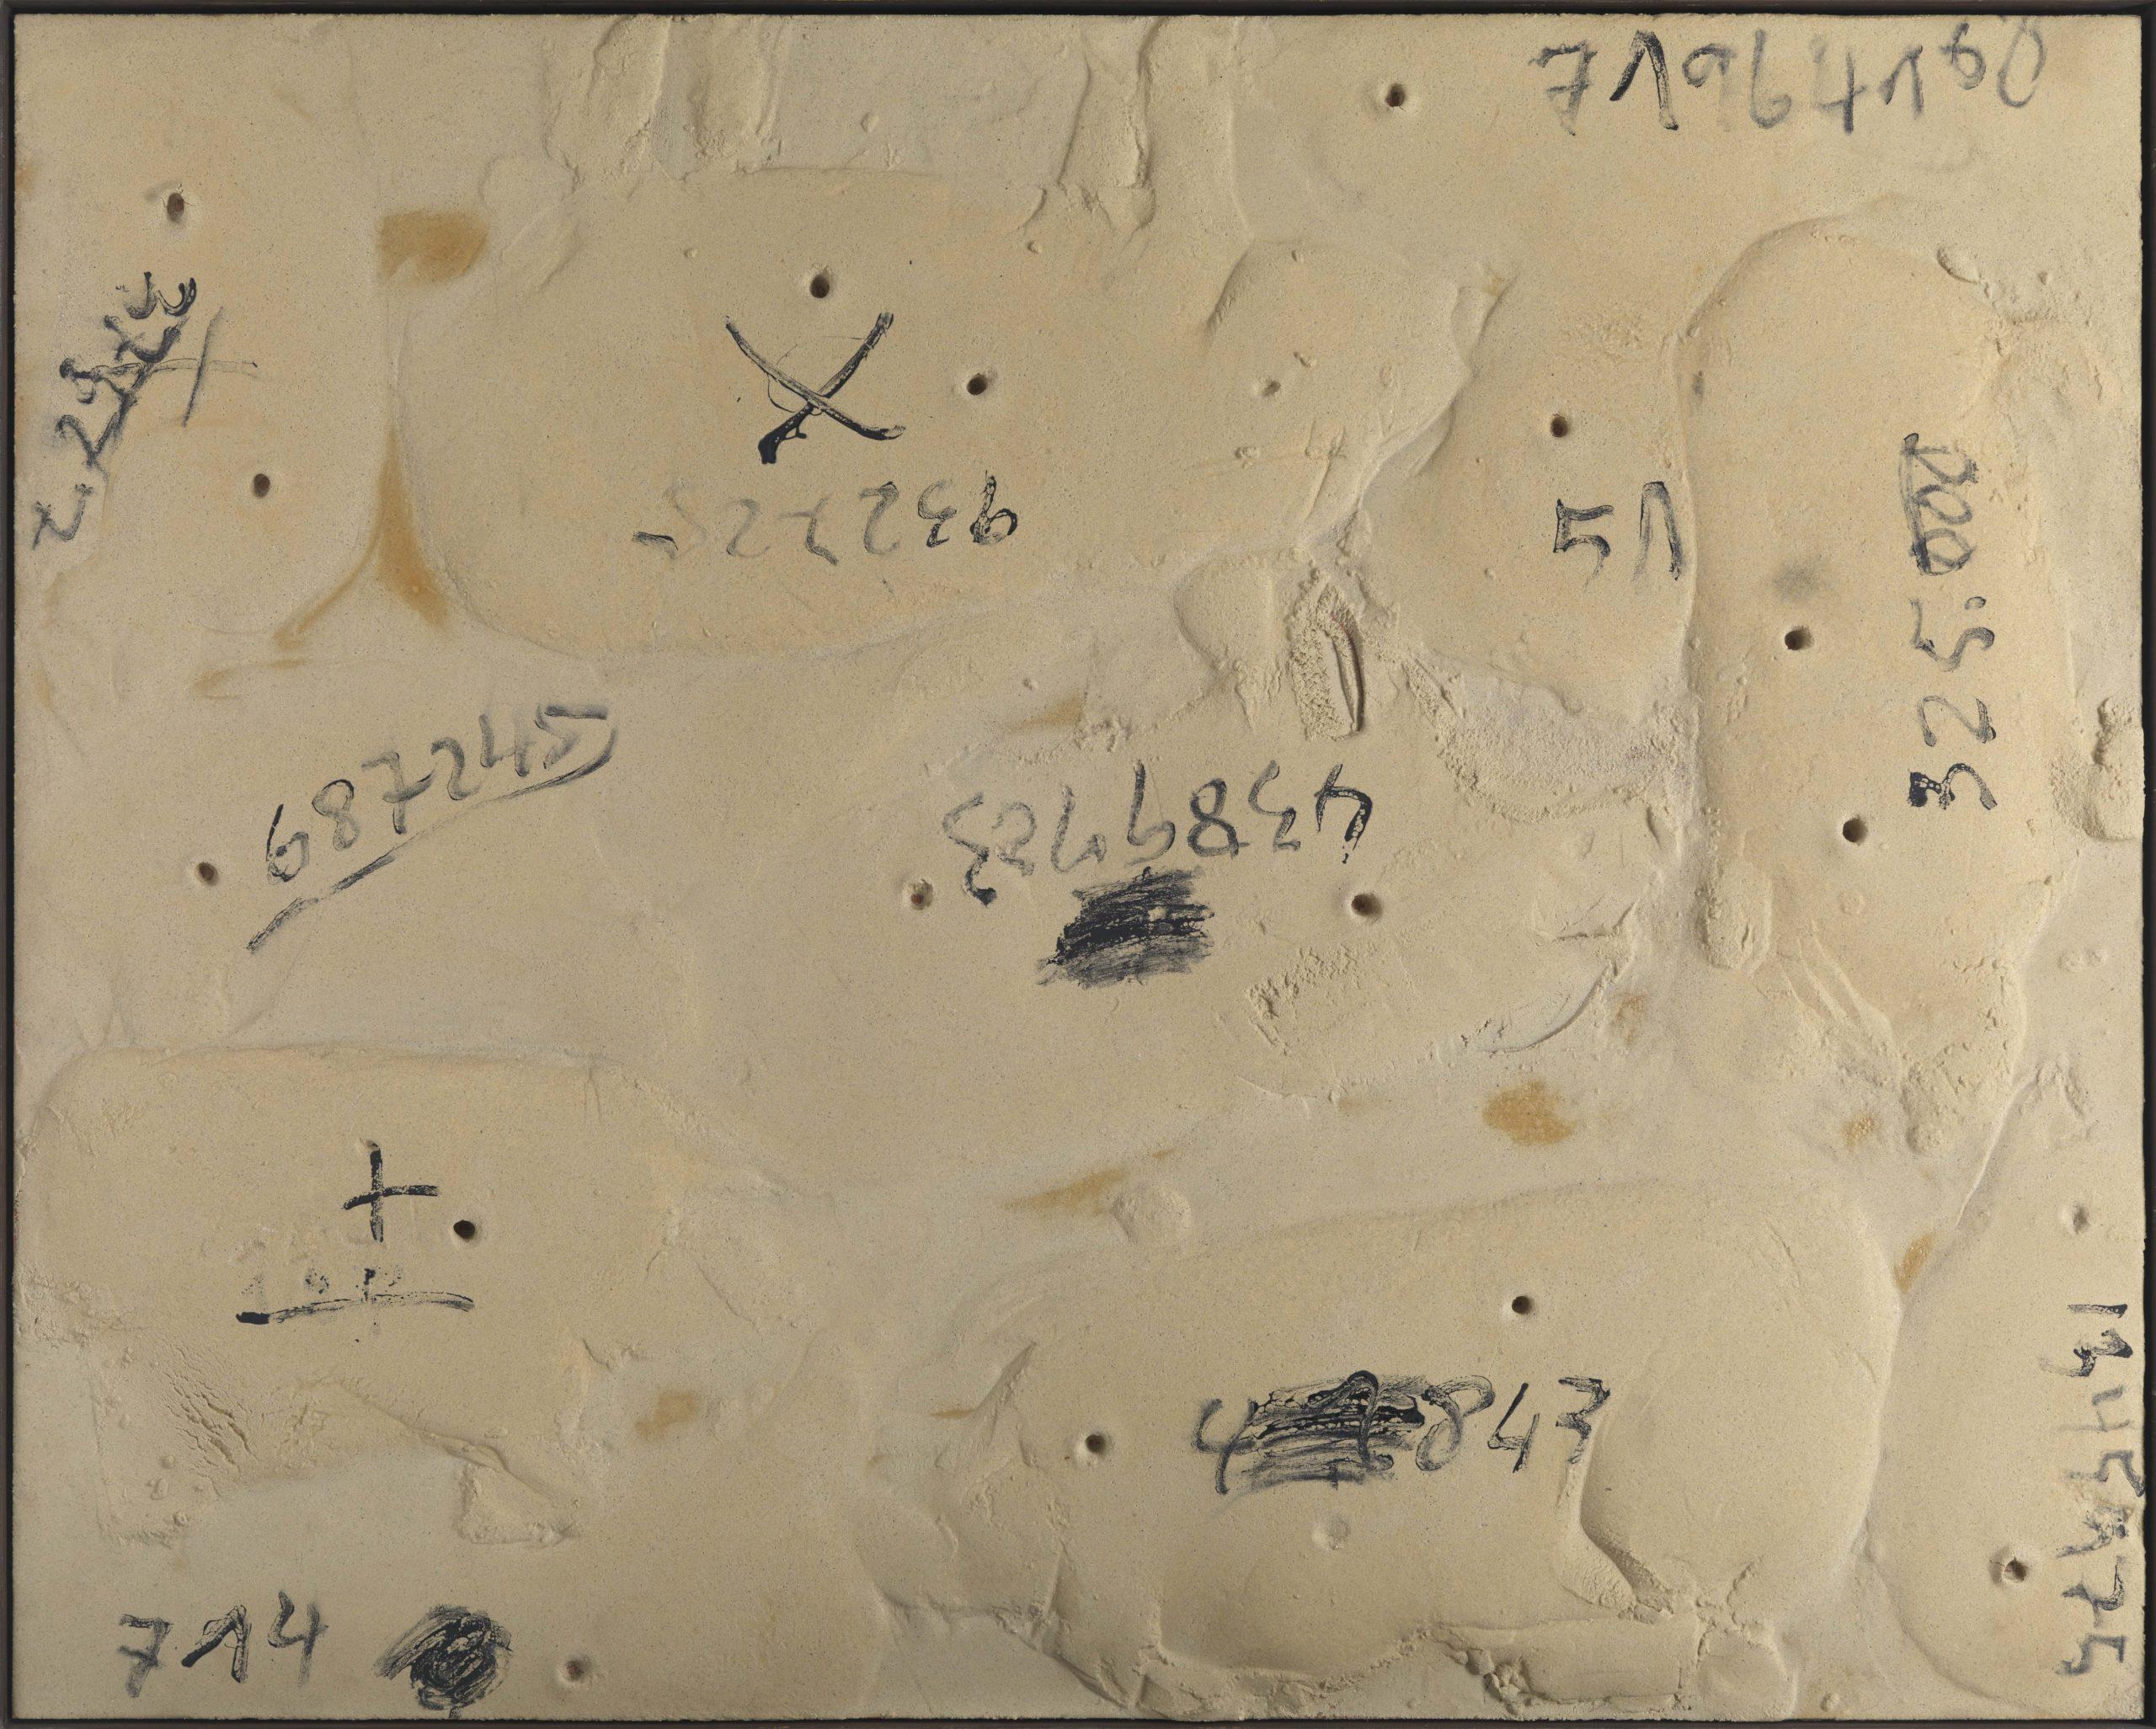 Antoni Tàpies Galerie Haas AG Zürich